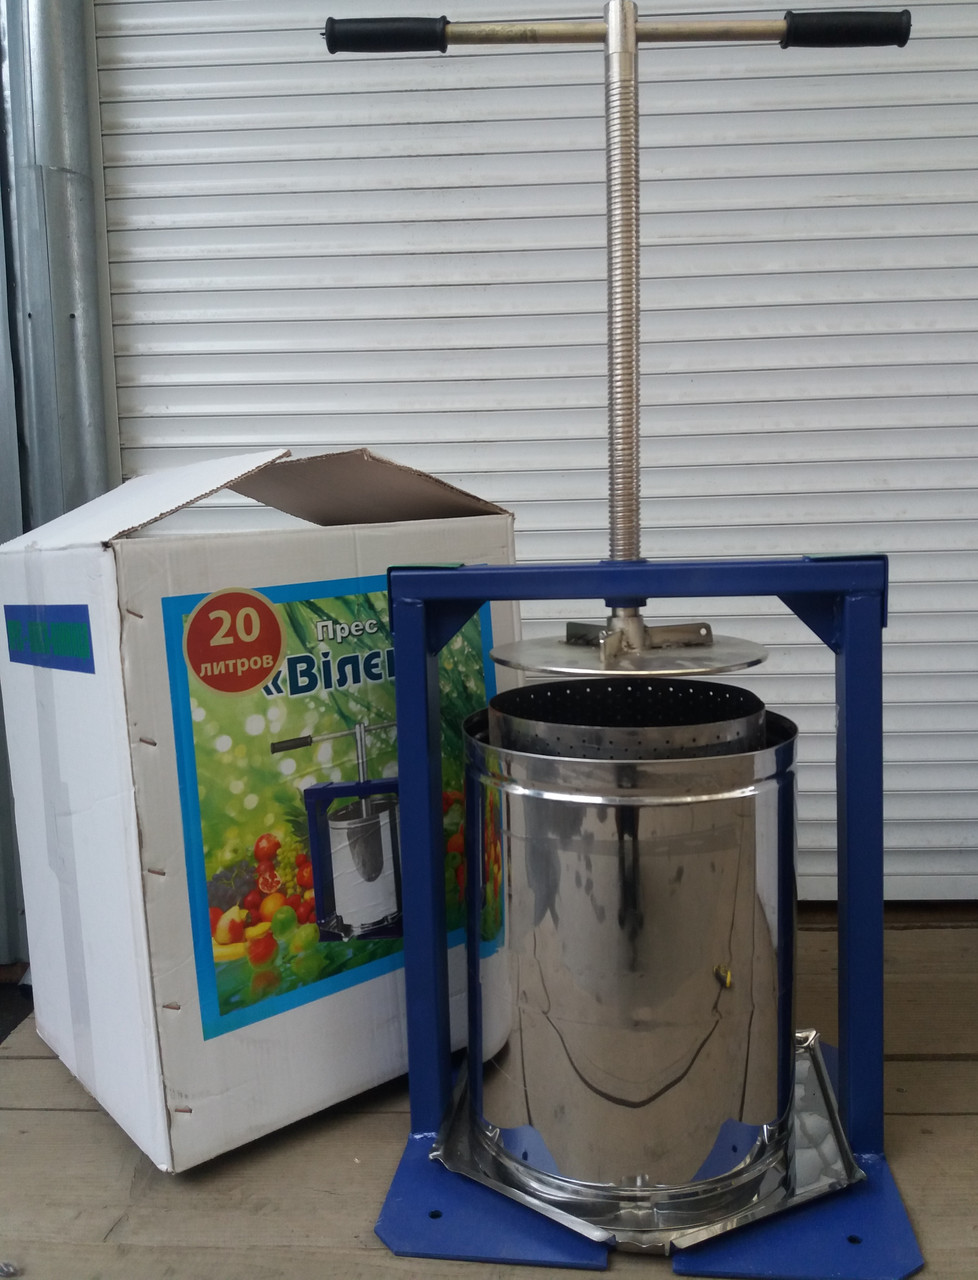 Пресс для сока винтовой Вилен 20 л.